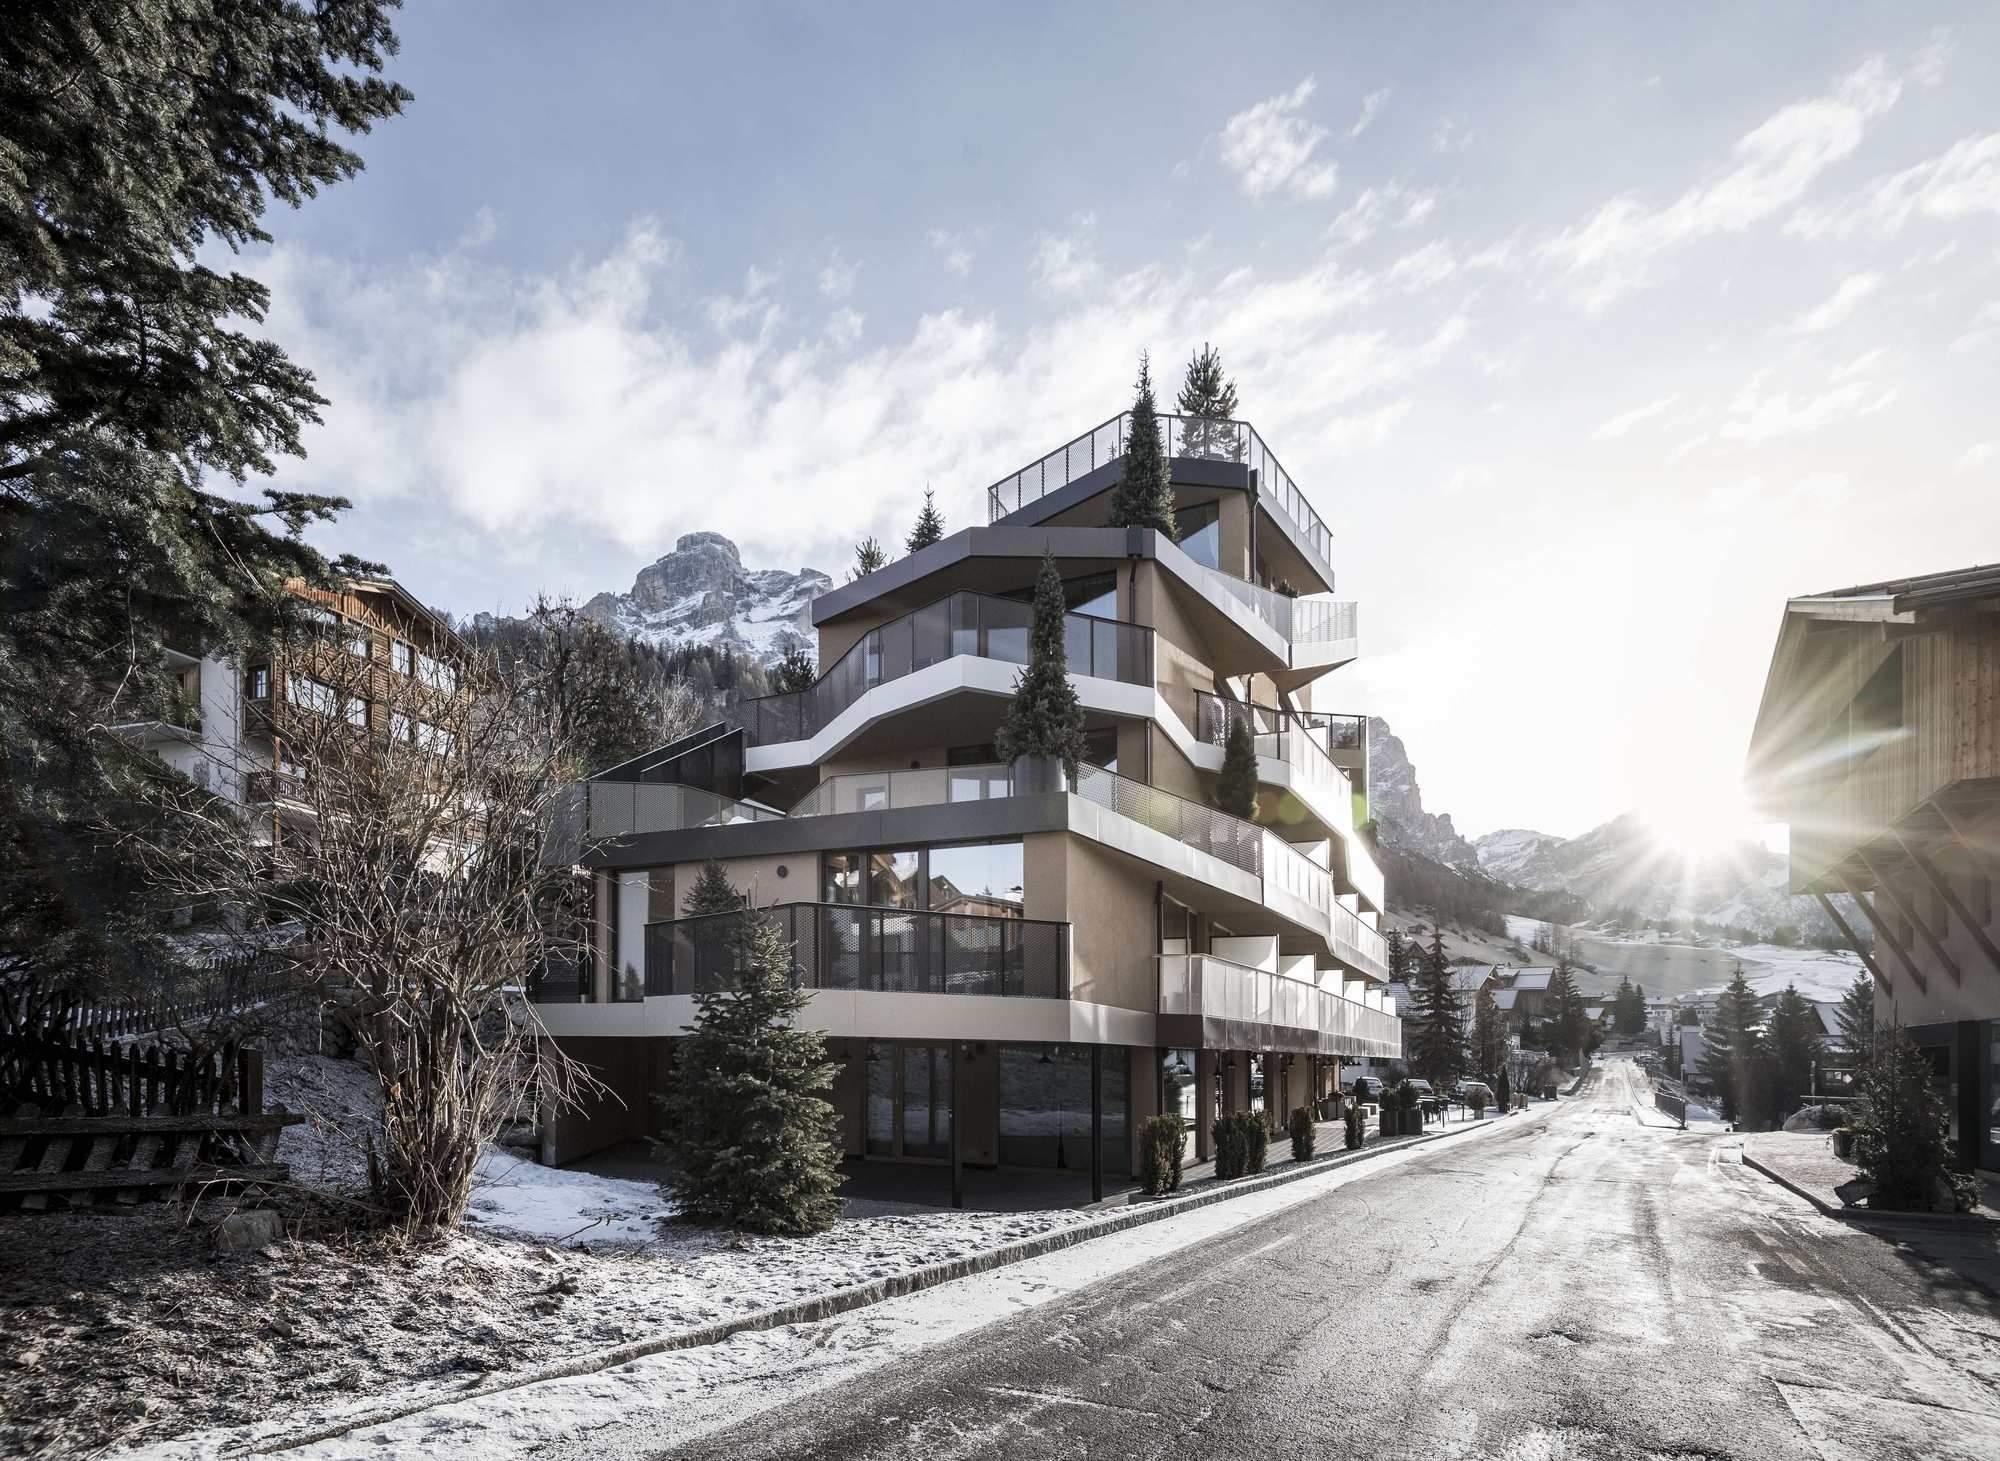 Отель Tofana в Восточных Альпах Италии